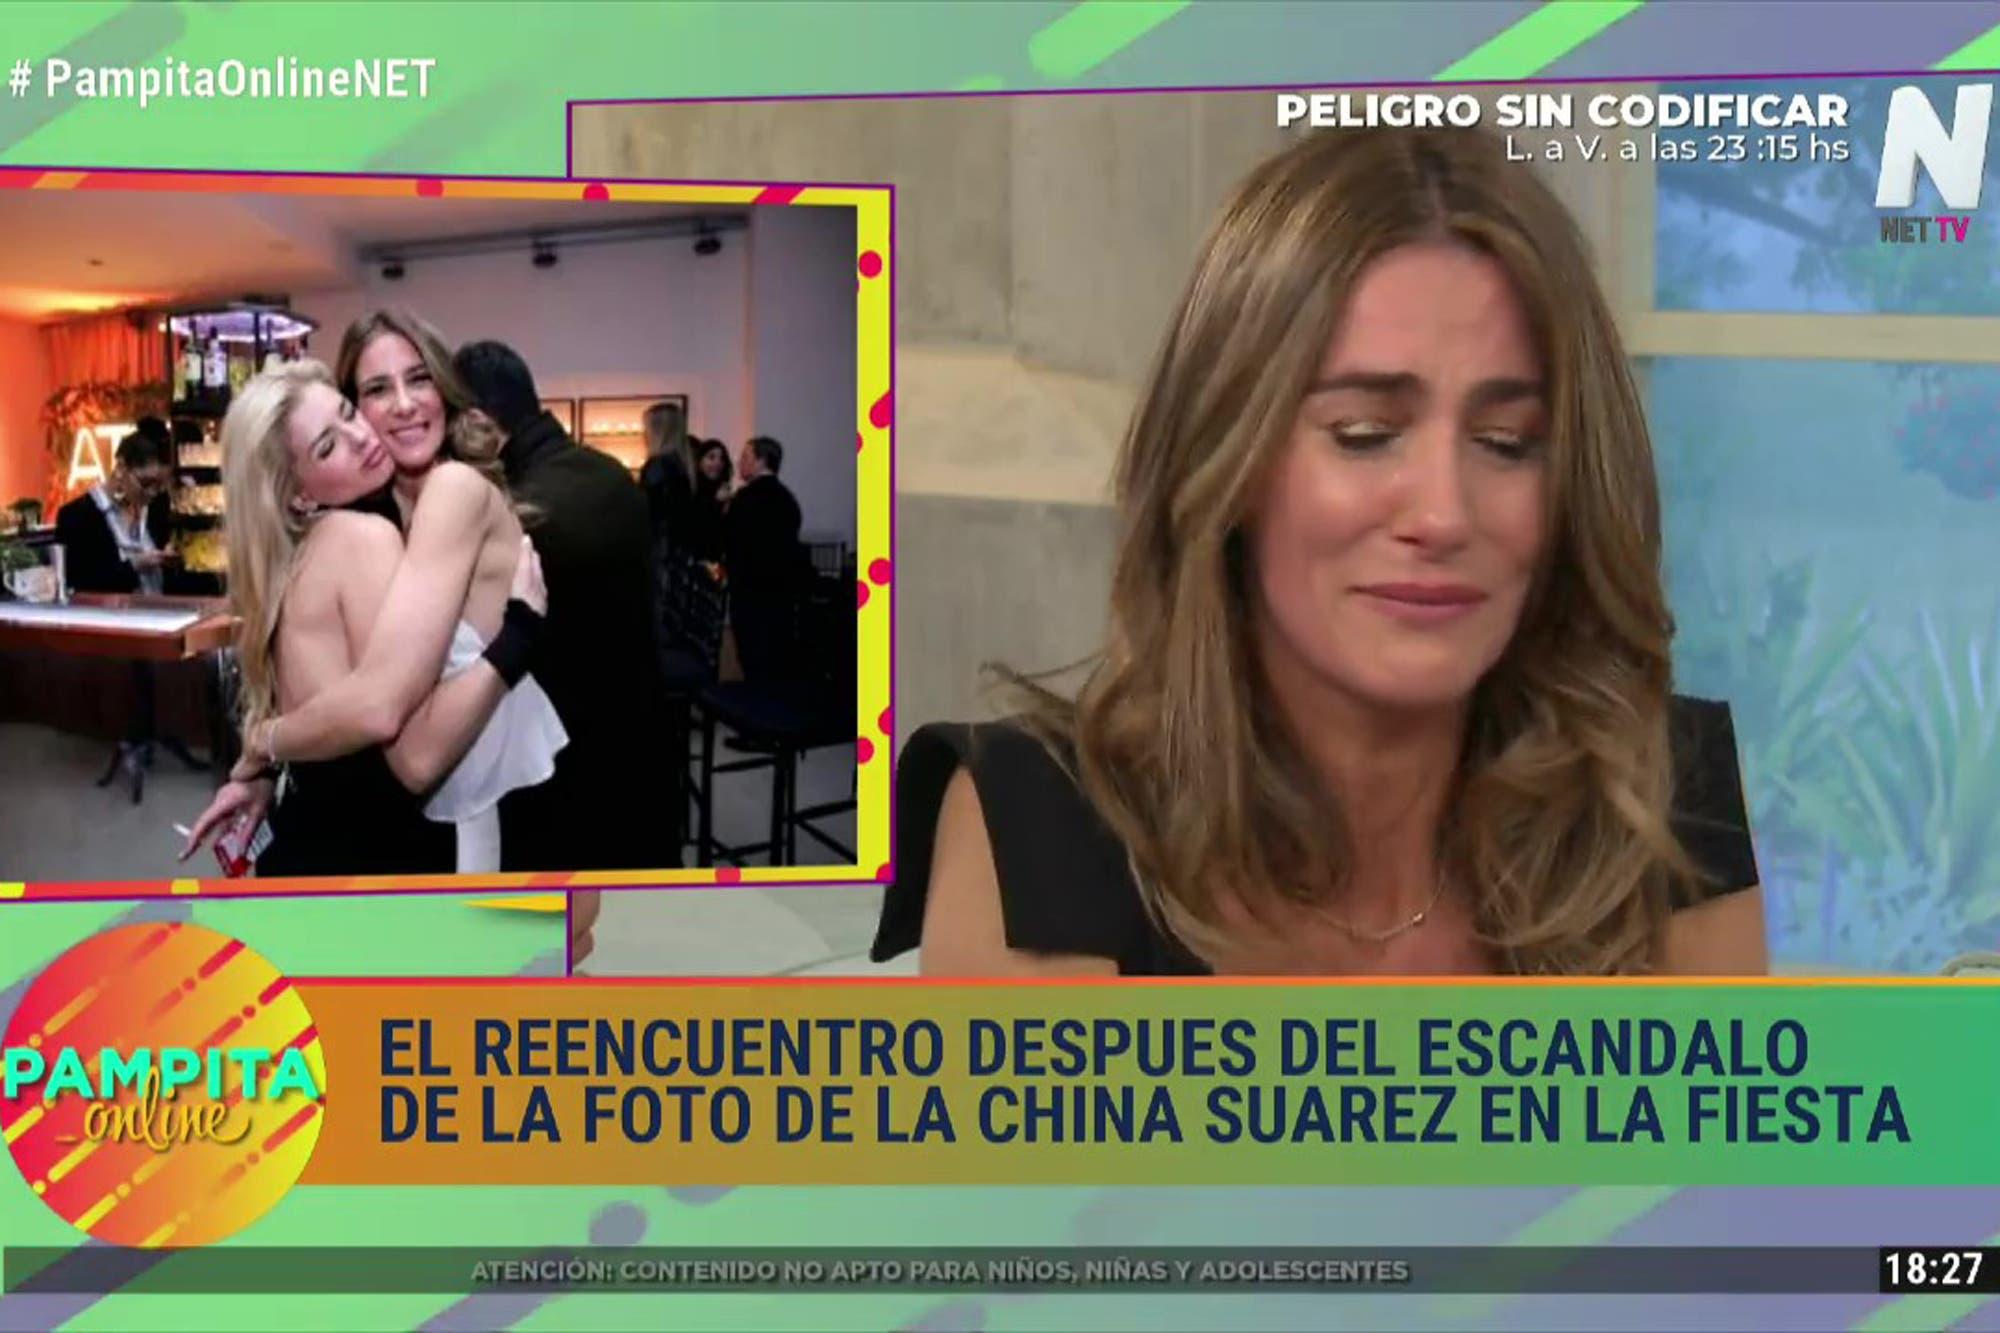 Entre lágrimas, abrazos y un mea culpa, Pampita Ardohain y Puli Demaría se reencontraron frente a cámara